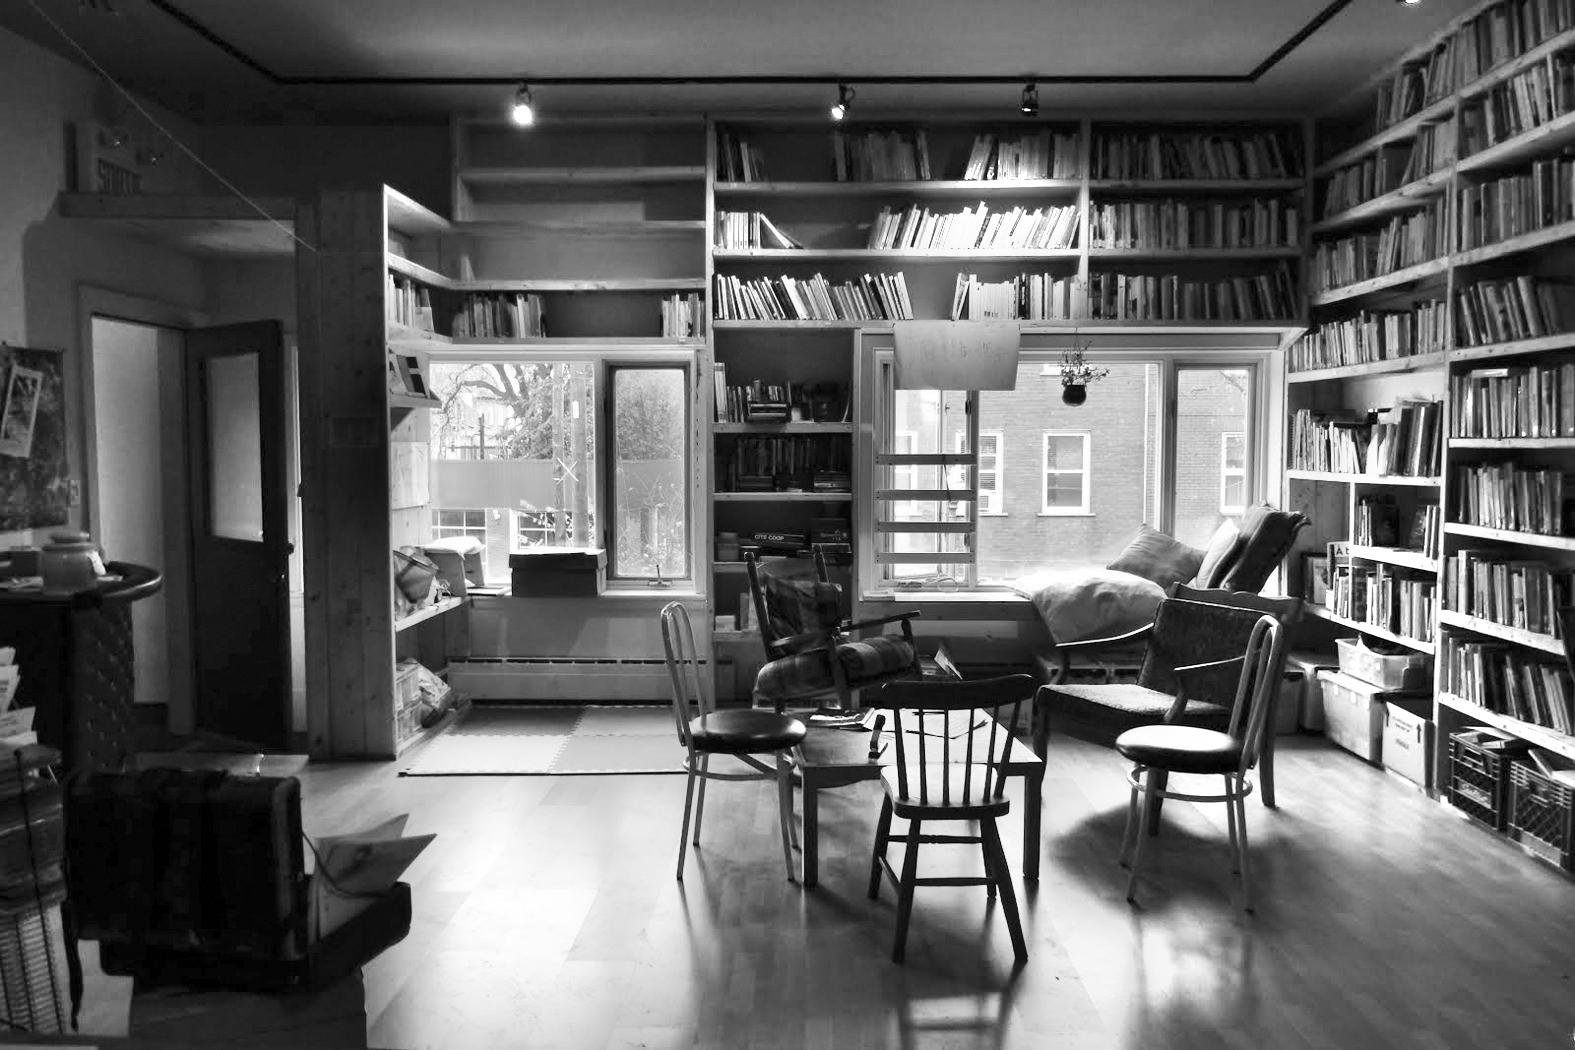 Local de la librairie la Page noire. Photo: Courtoisie